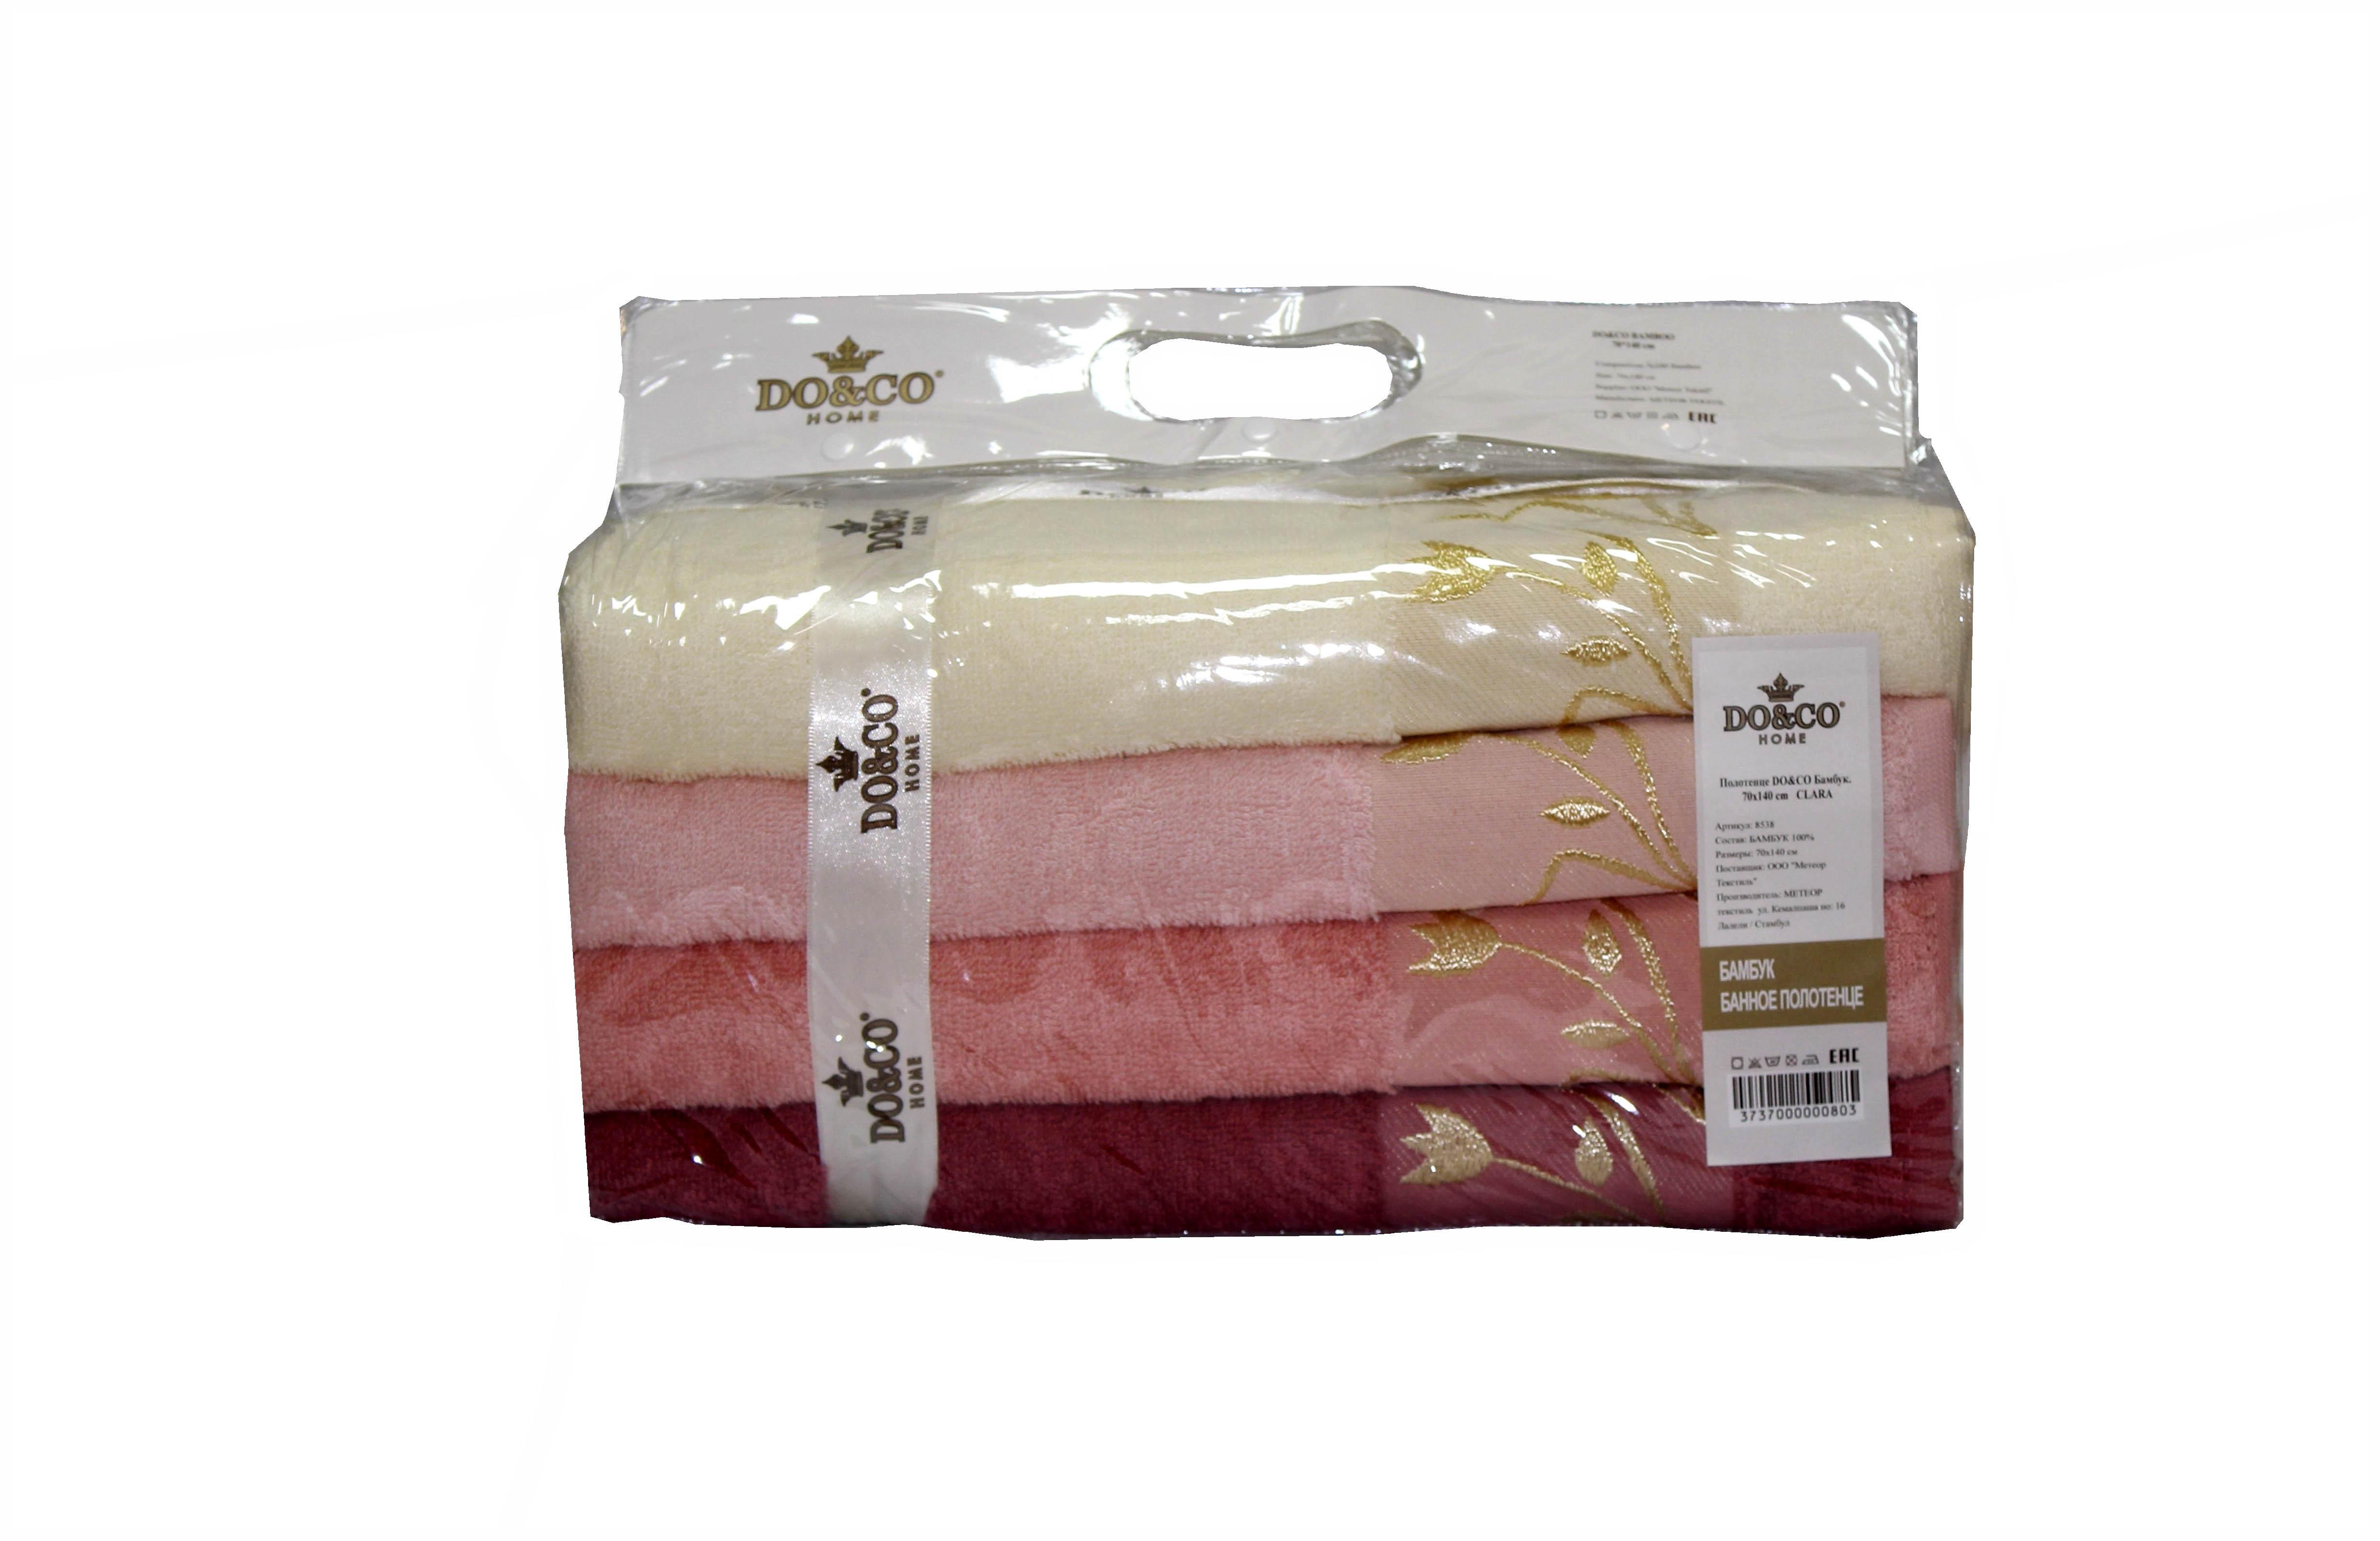 Полотенца DO'n'CO Набор Полотенец Clara (70х140 см - 4 шт) полотенца кухонные la pastel набор полотенец 4 предмета из микрофибры 30х30